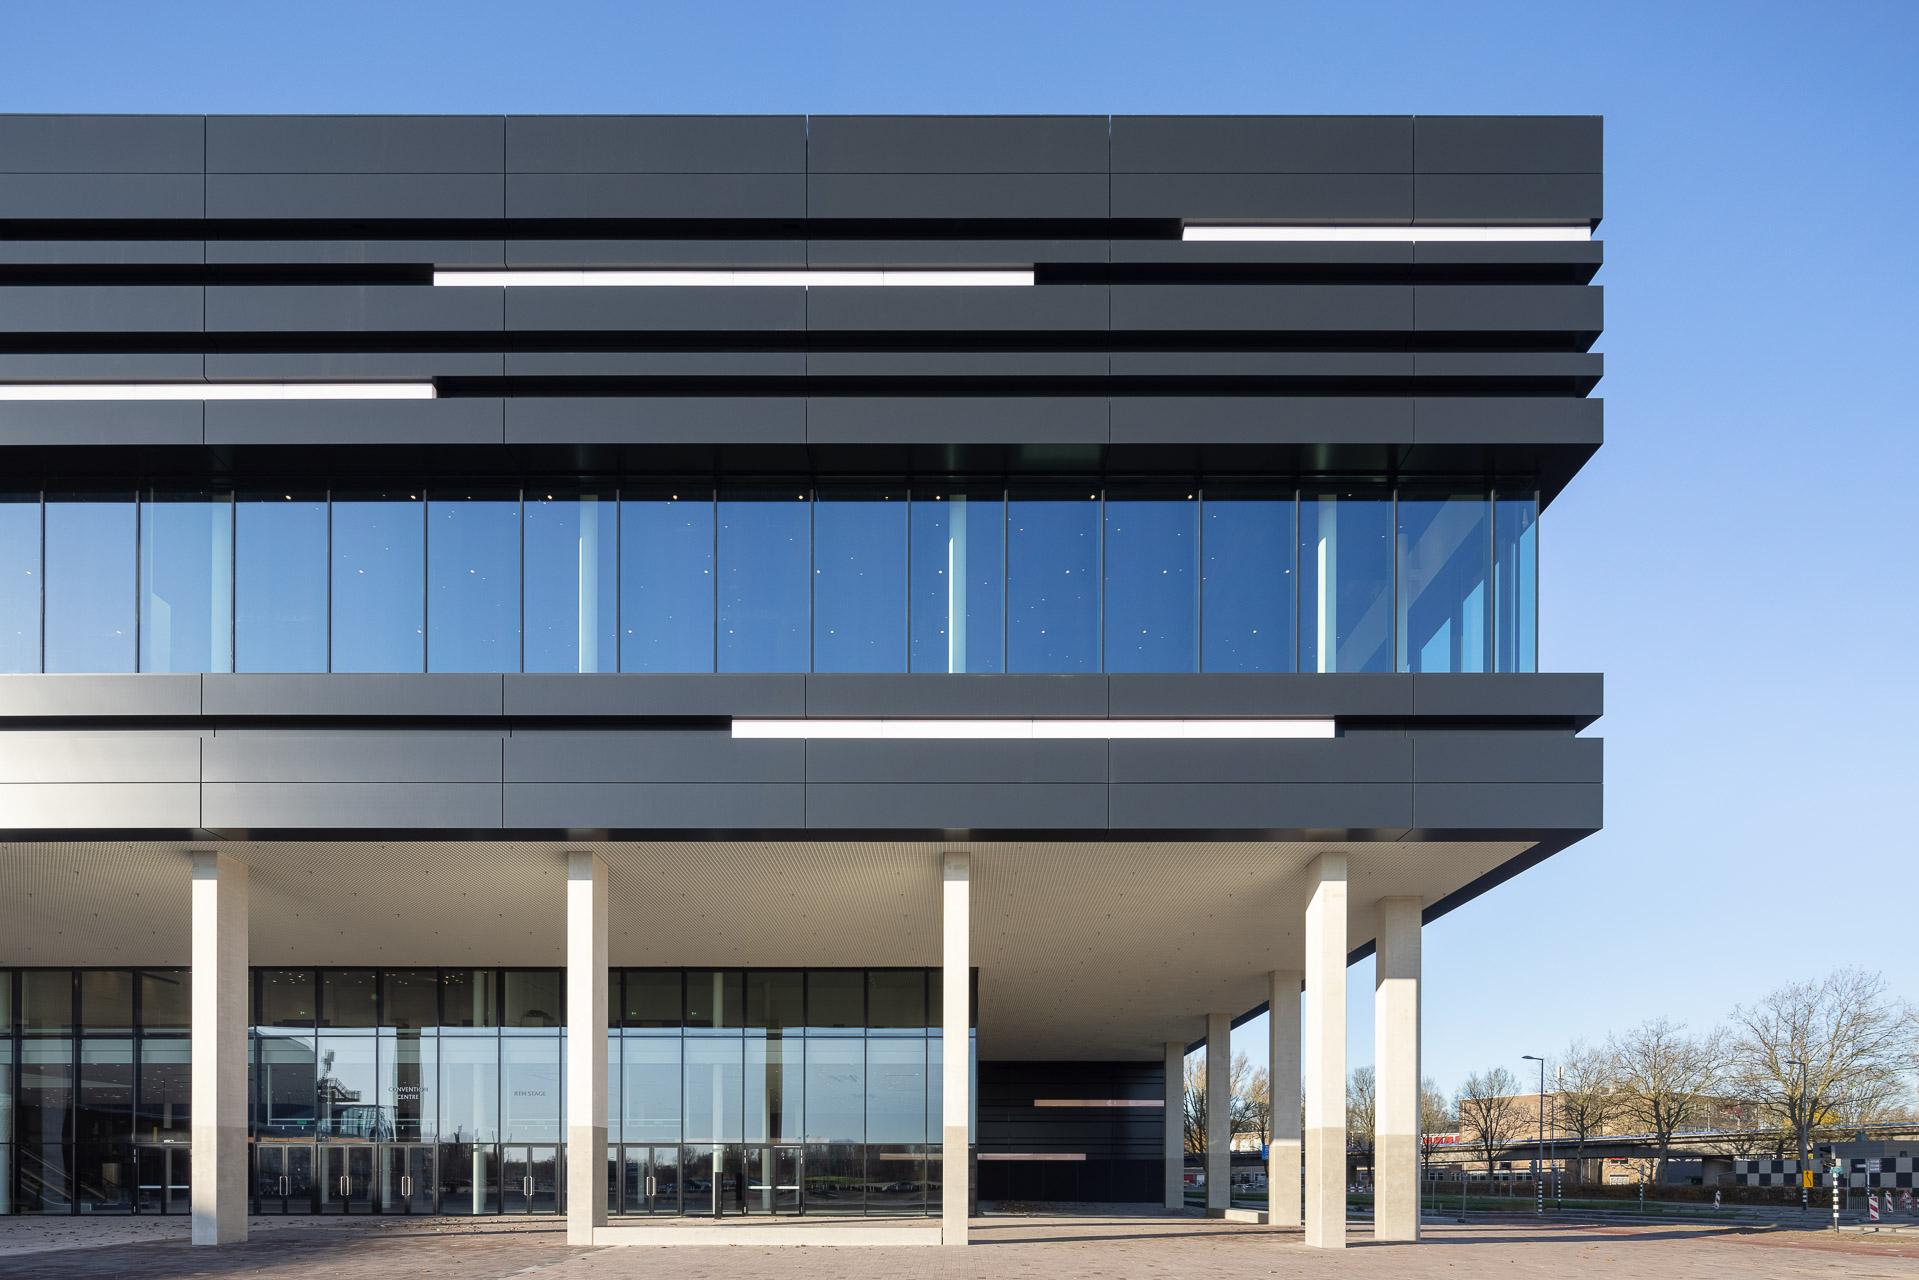 SP2020-Rotterdam-Ahoy-Convention-Centre-Exterieur-2-Architectuur-fotografie